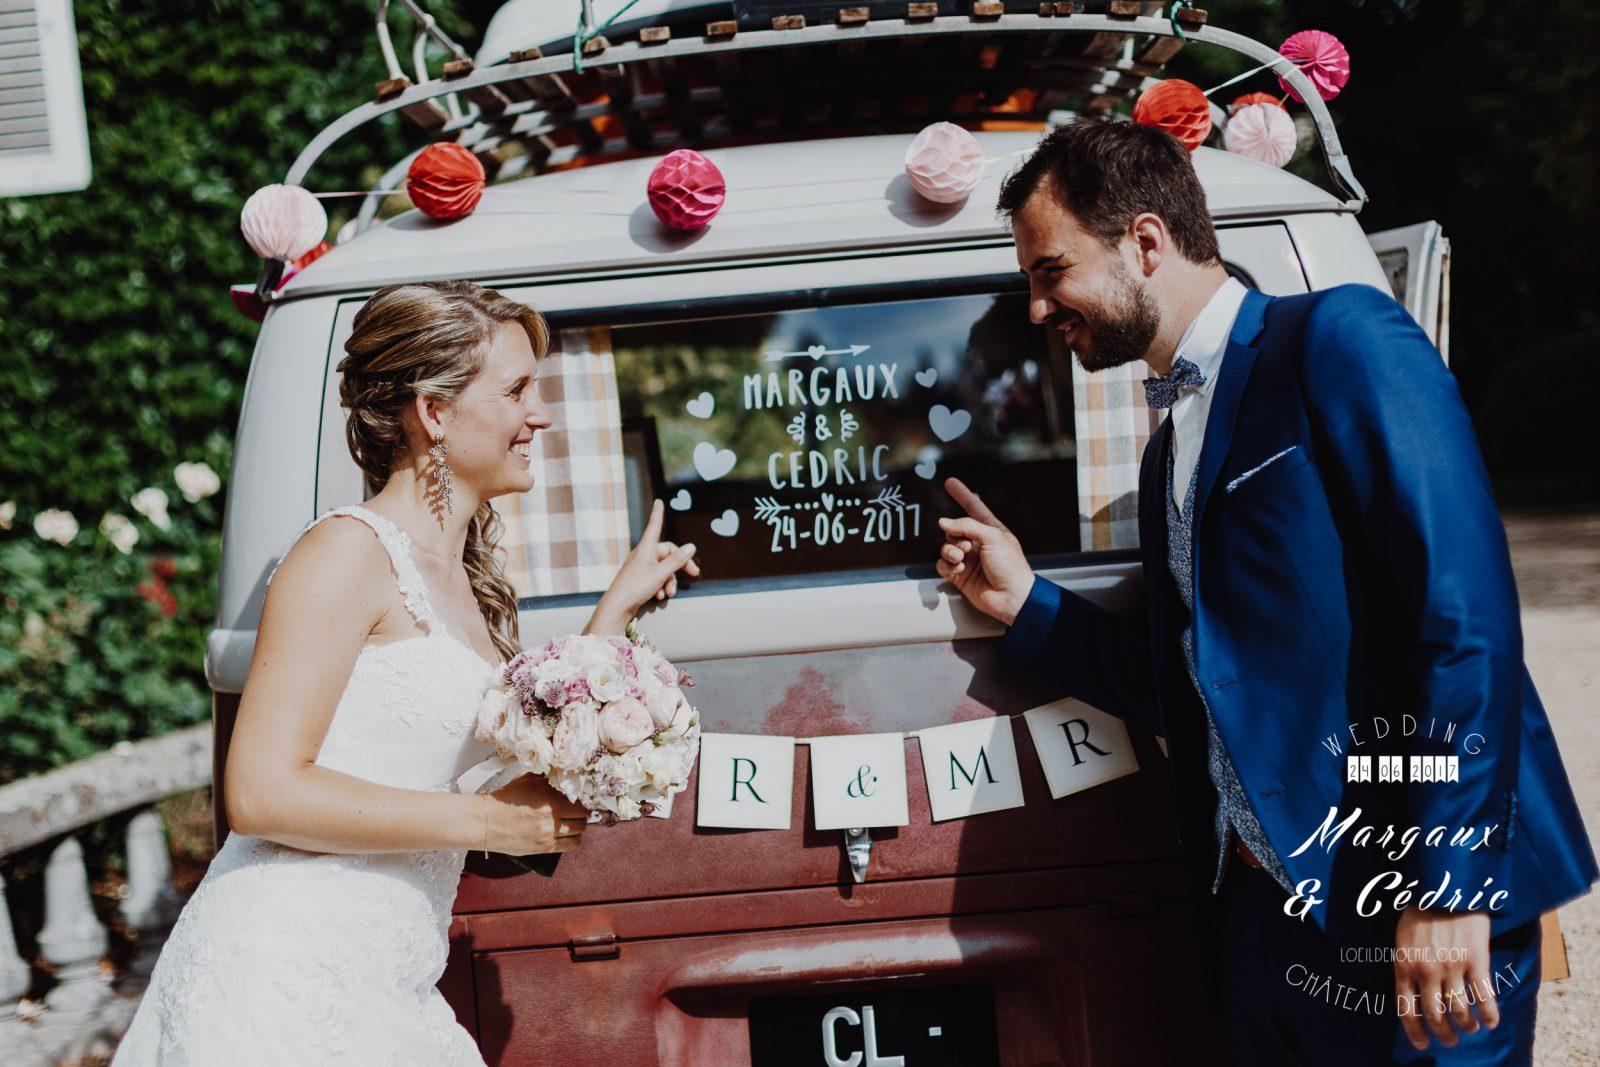 réussir son mariage, décoration et détails chics de mariage, belle photo soirée de mariage, L'oeil de Noémie meilleur photographe de mariage en Auvergne